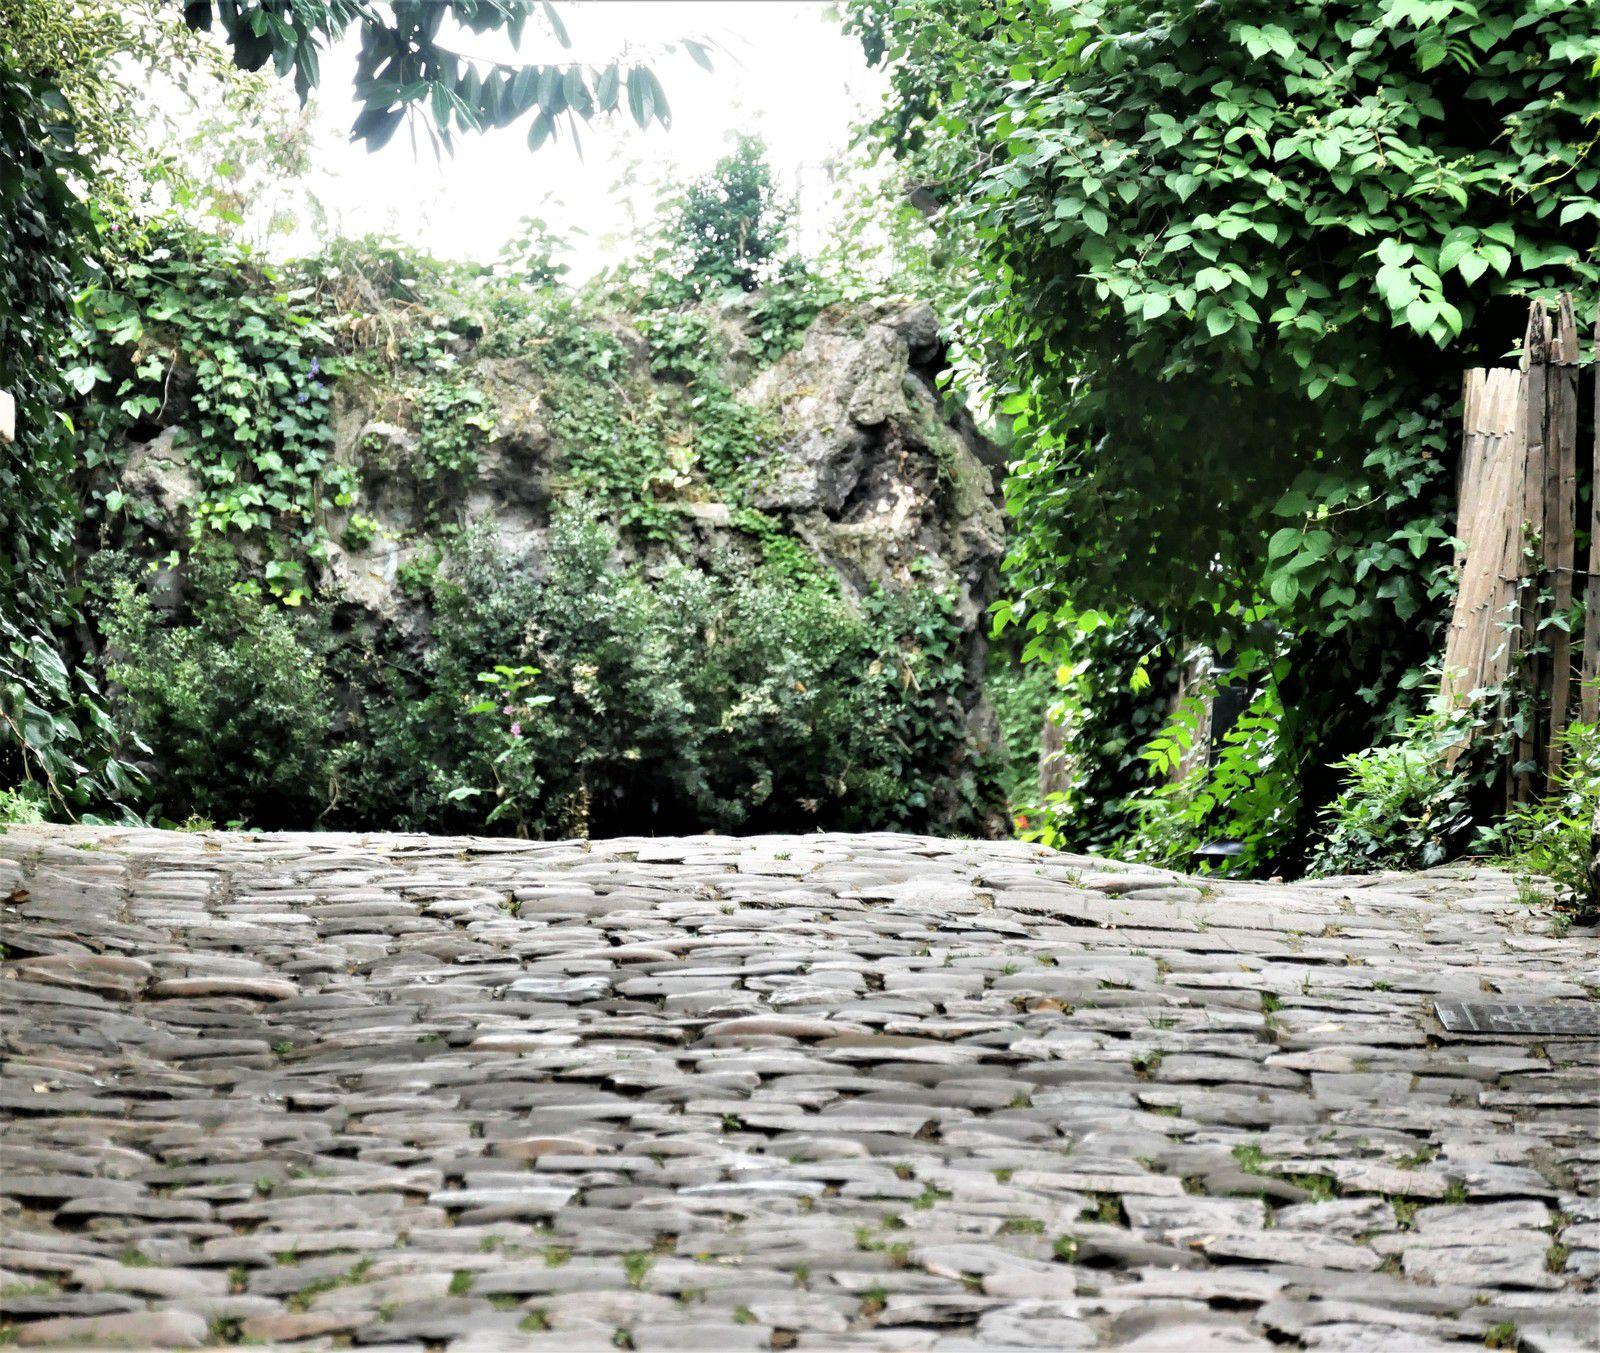 Le passage de la sorcière. Le rocher de la sorcière.